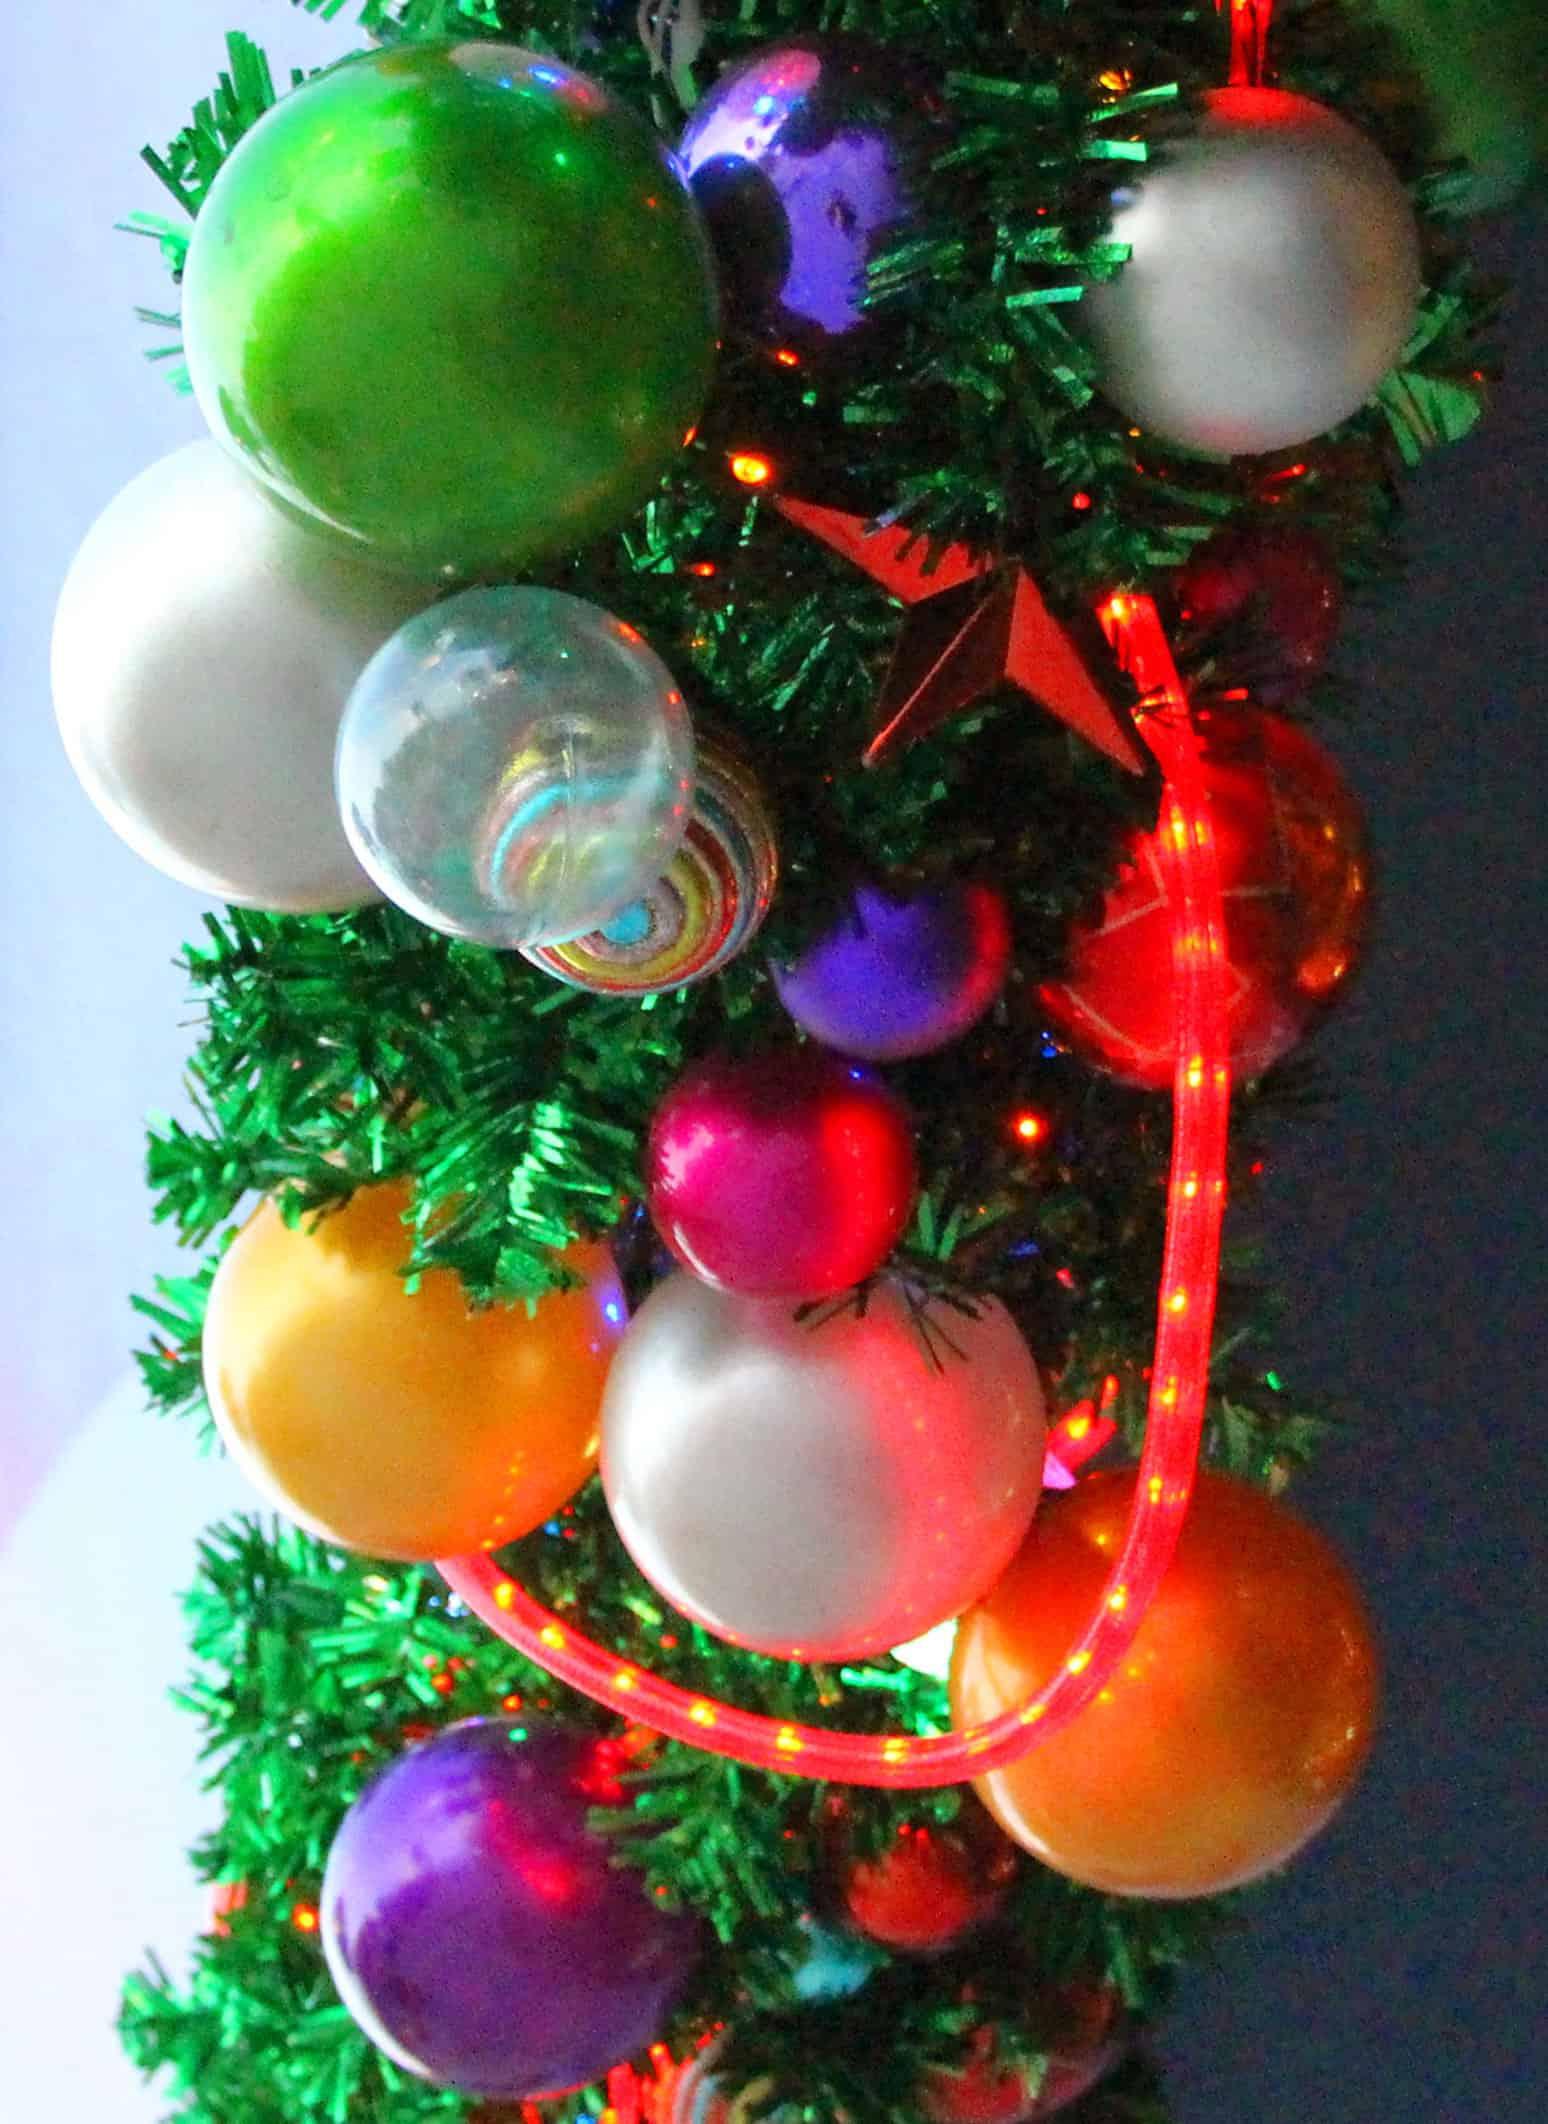 Kunststoff weihnachtskugeln bunt weihnachtskugeln - Weihnachtskugeln durchsichtig ...